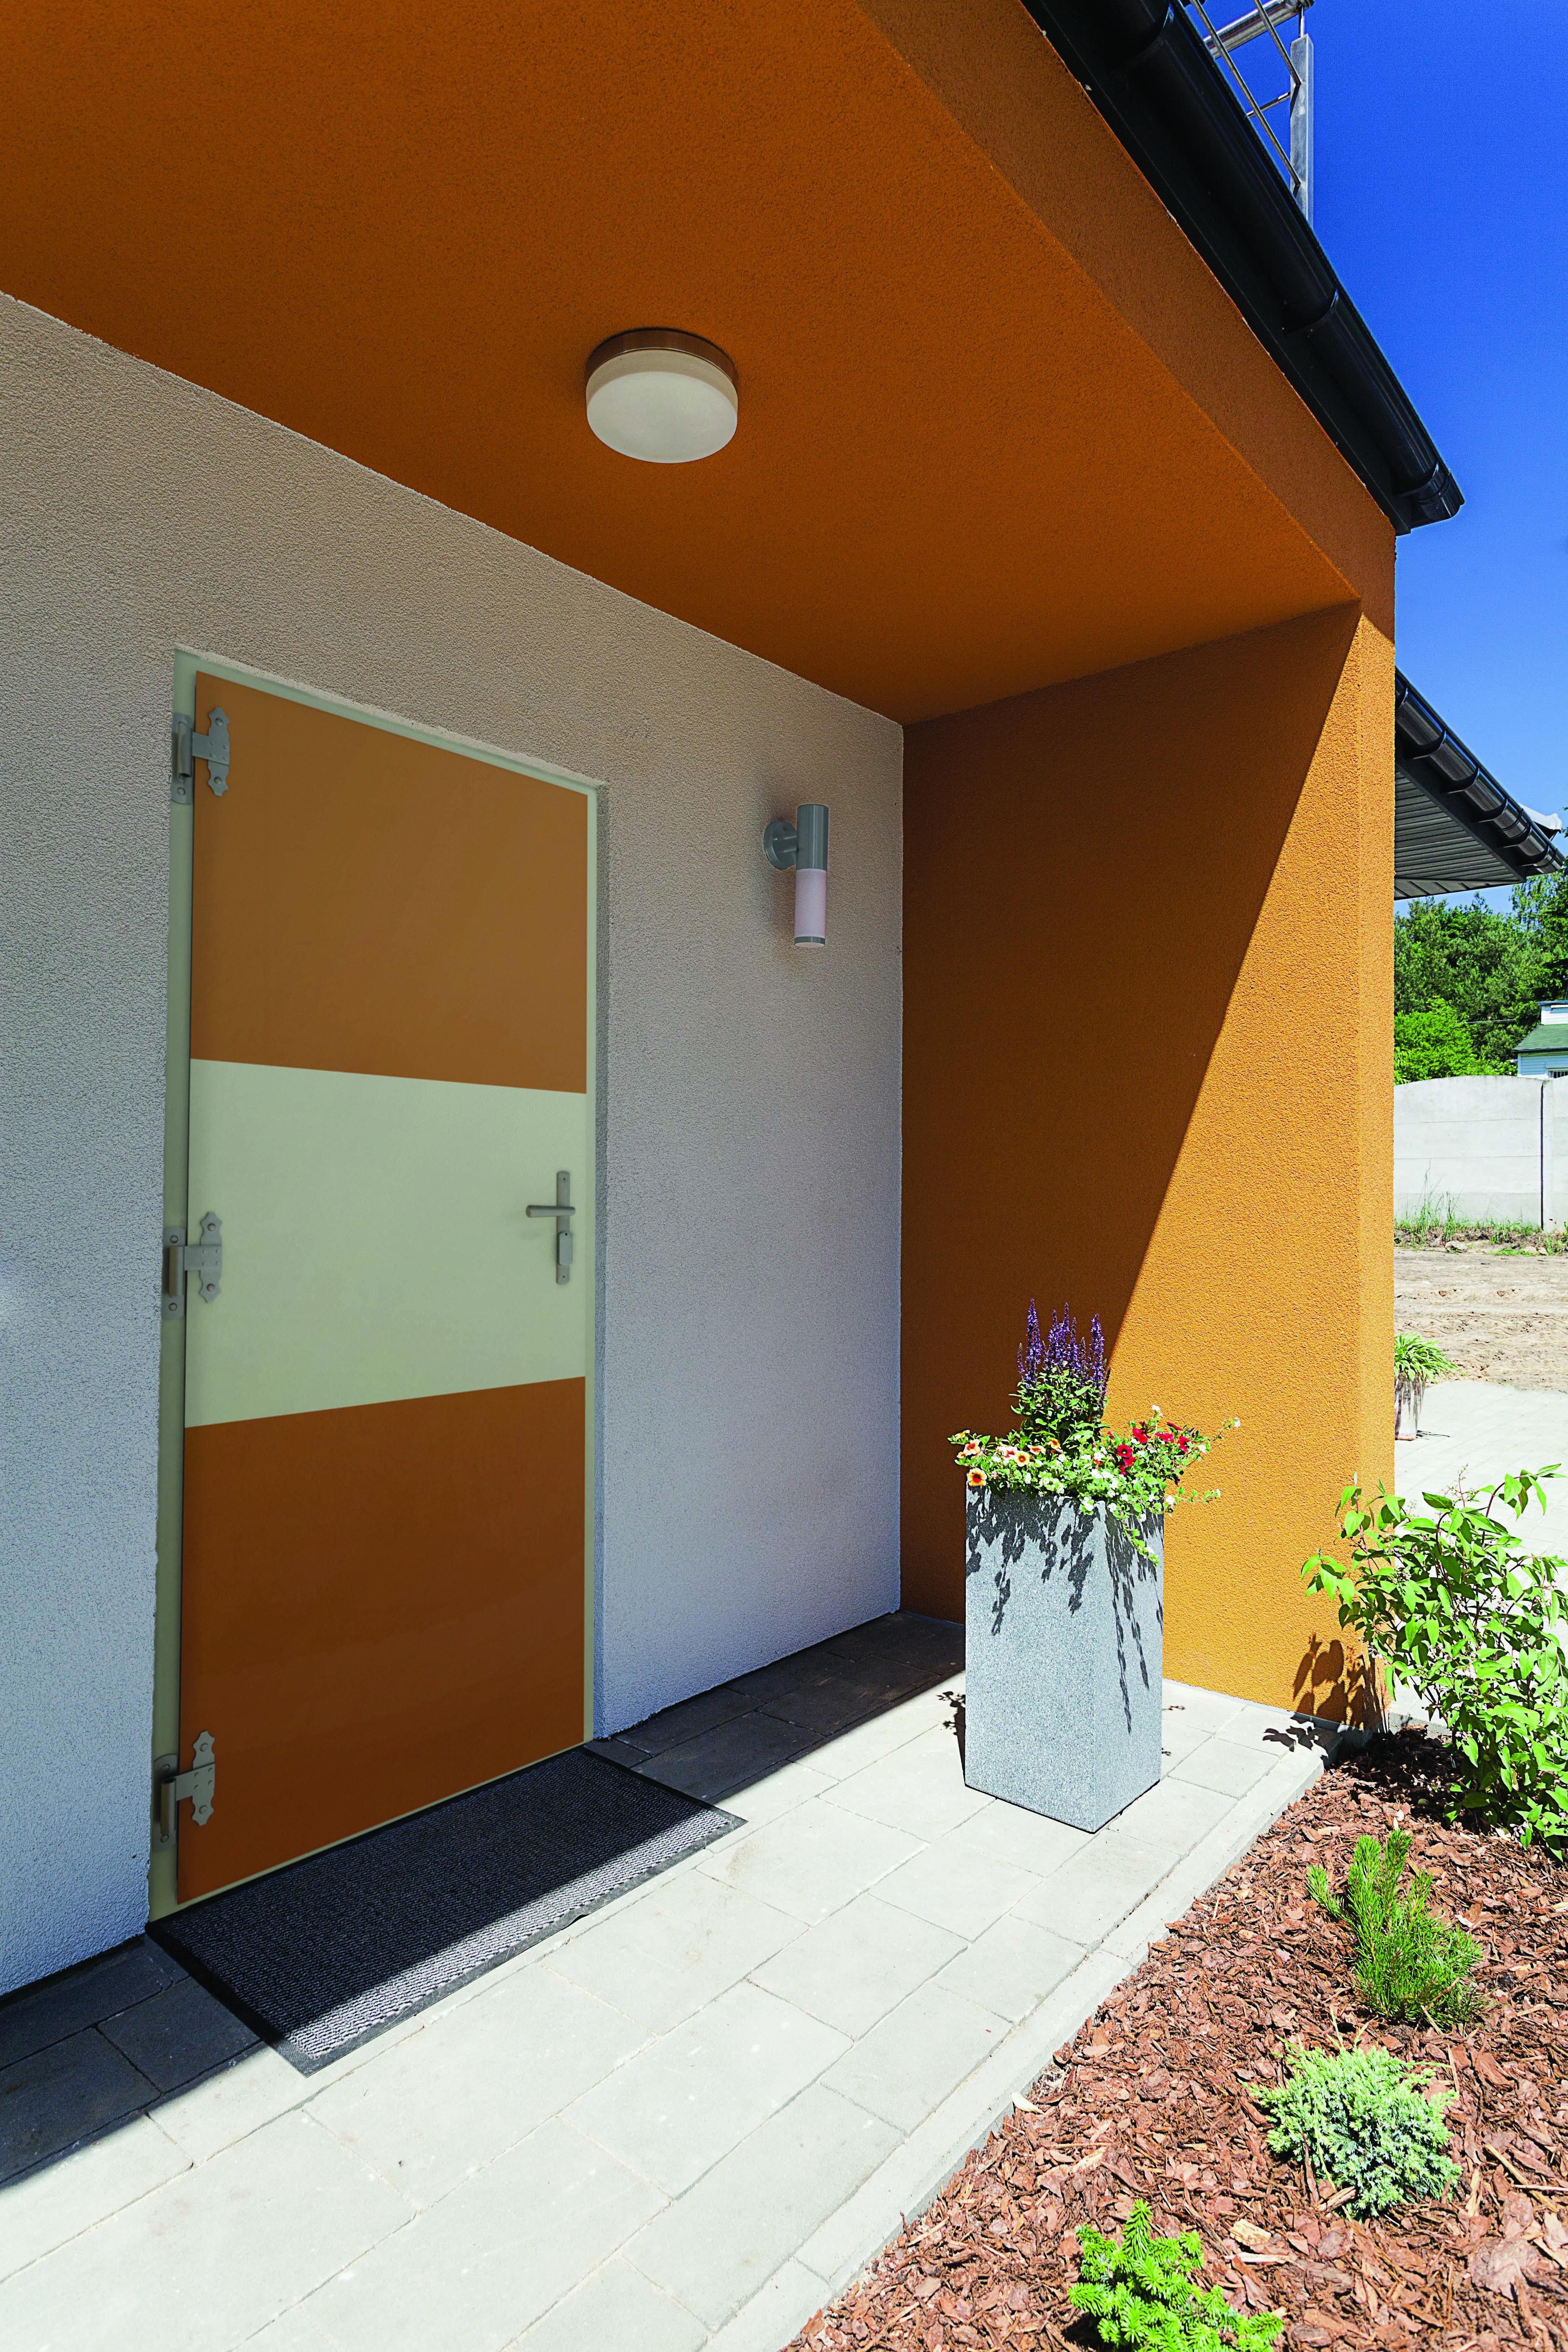 Porte SEDIPEC Noé orange avec bandeau blanc au milieu